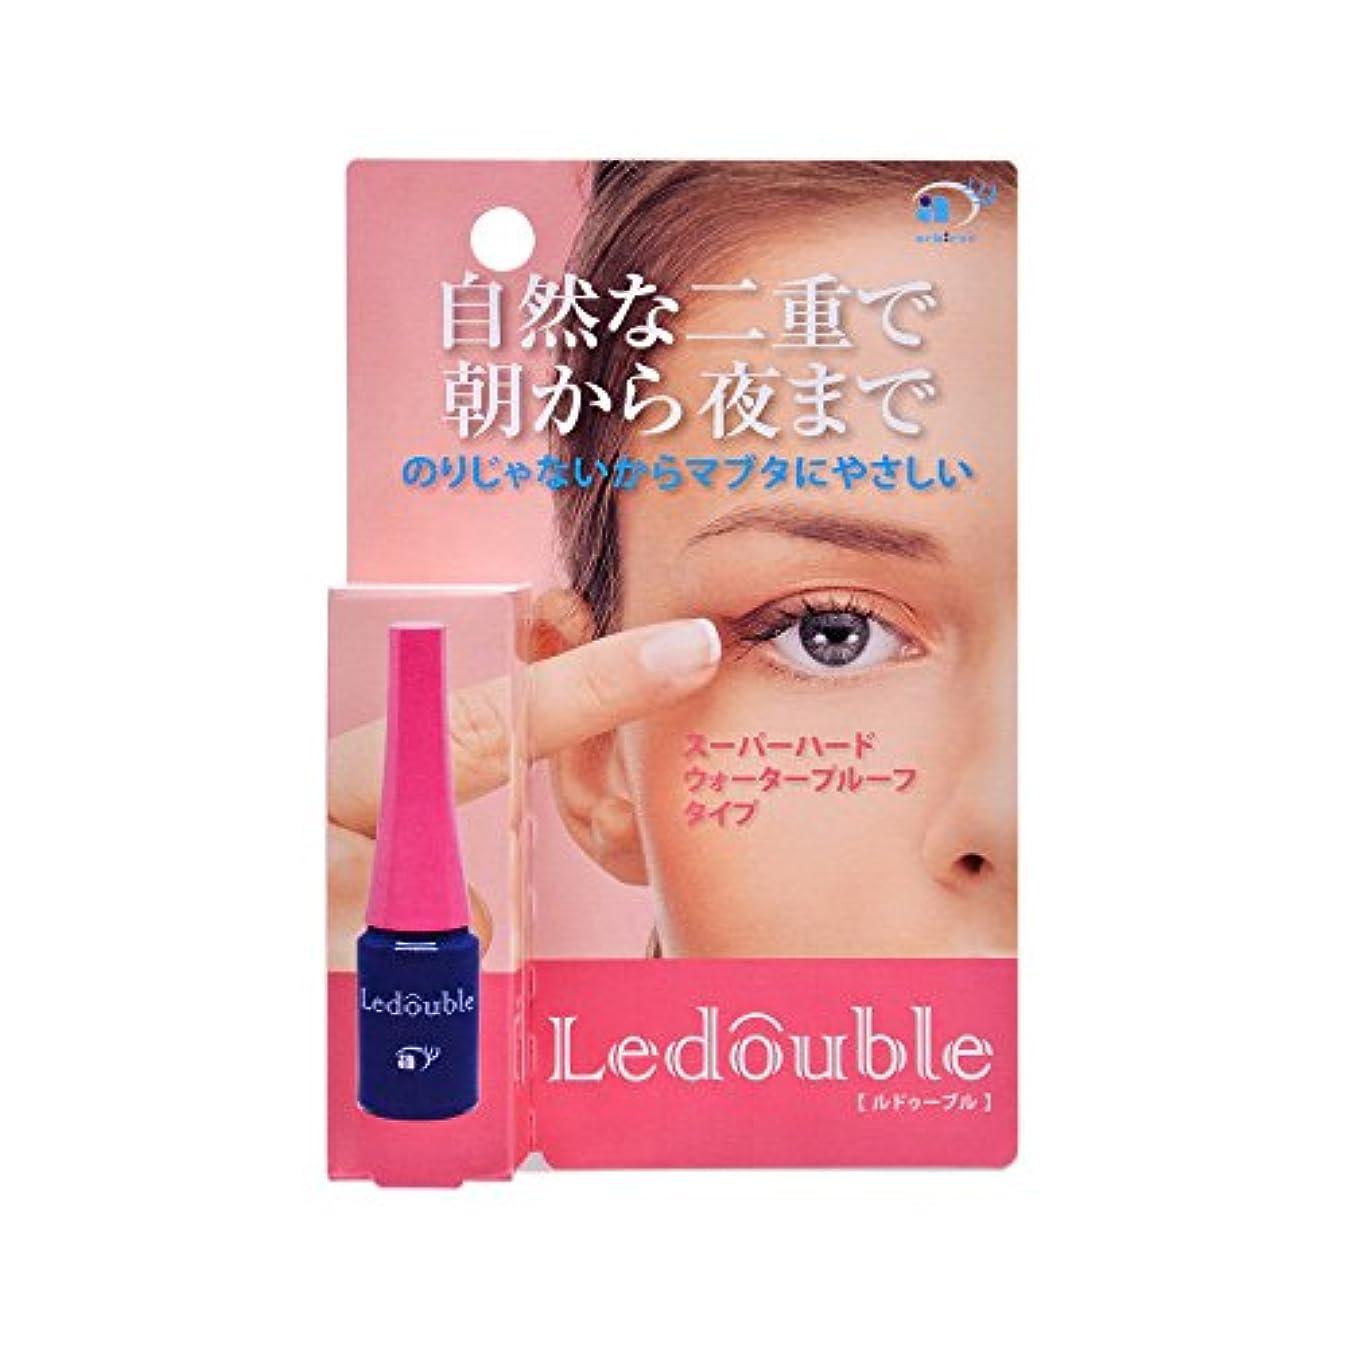 対提供監督するLedouble [ルドゥーブル] 二重まぶた化粧品 (2mL)